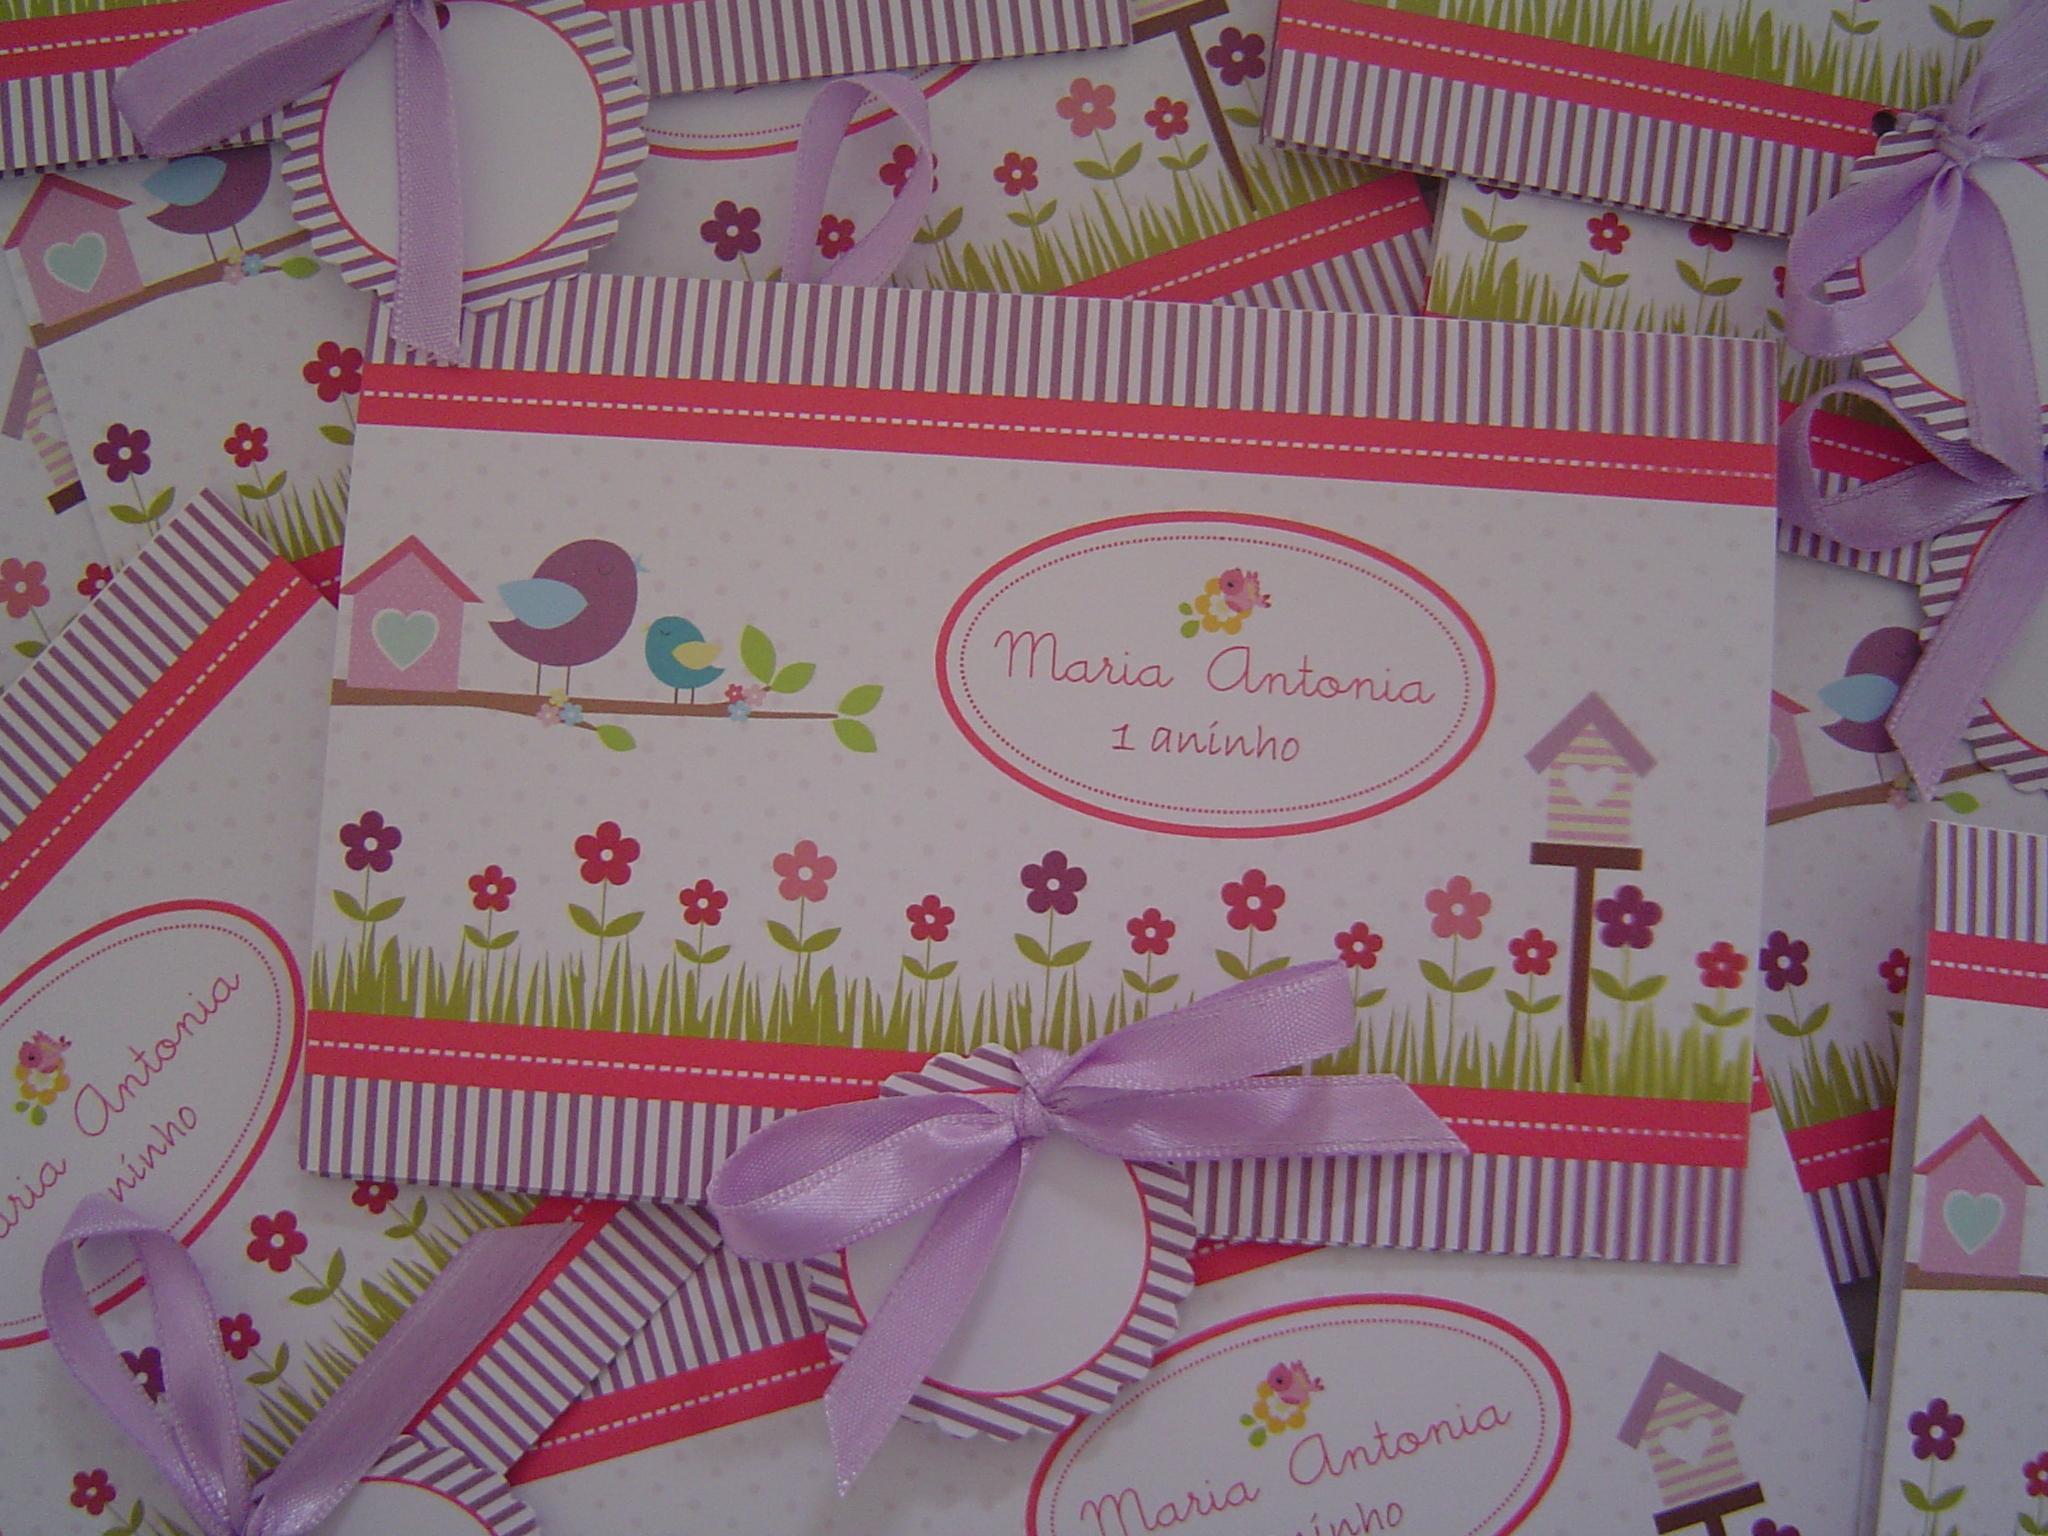 ideias para tema jardim:convite jardim encantado aniversario convite jardim encantado convite